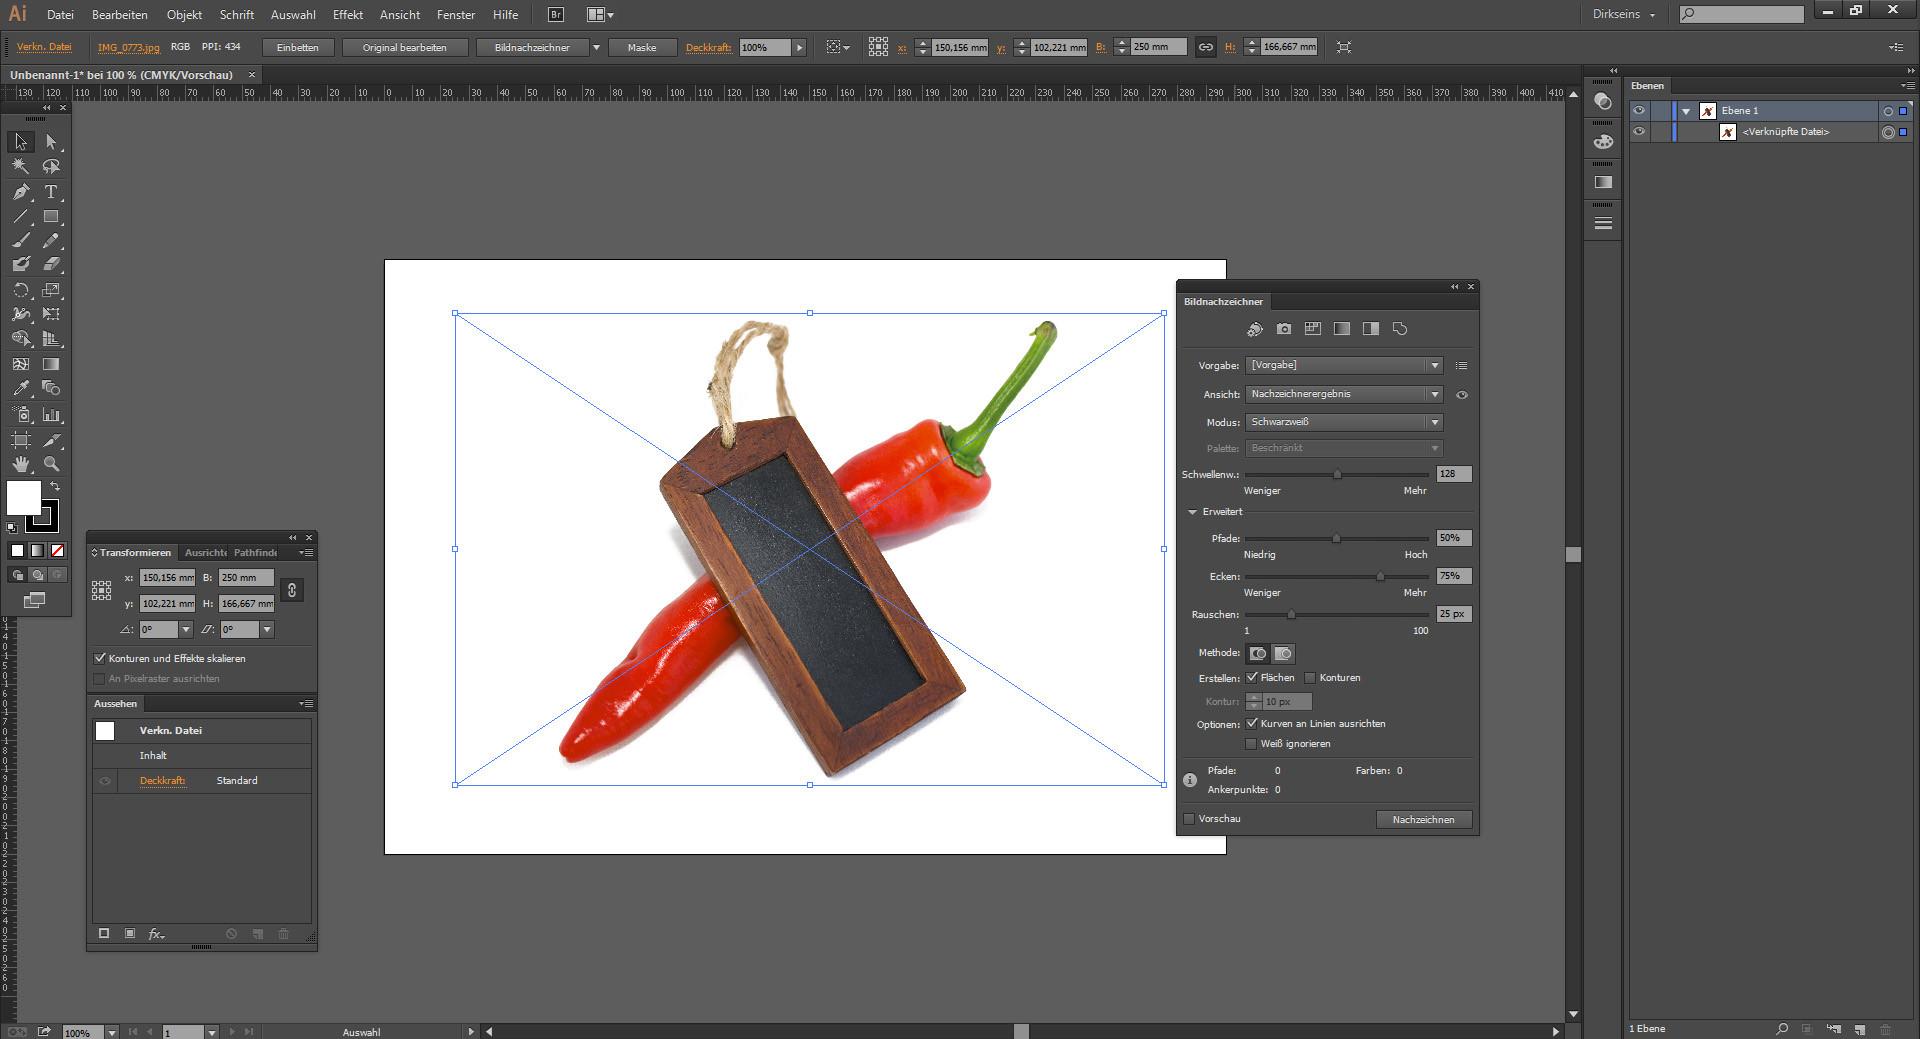 skalierbare und verlustfreie vektorgrafik erstellung mit adobe illustrator berliner bär vektor inkscape vektordatei erstellen